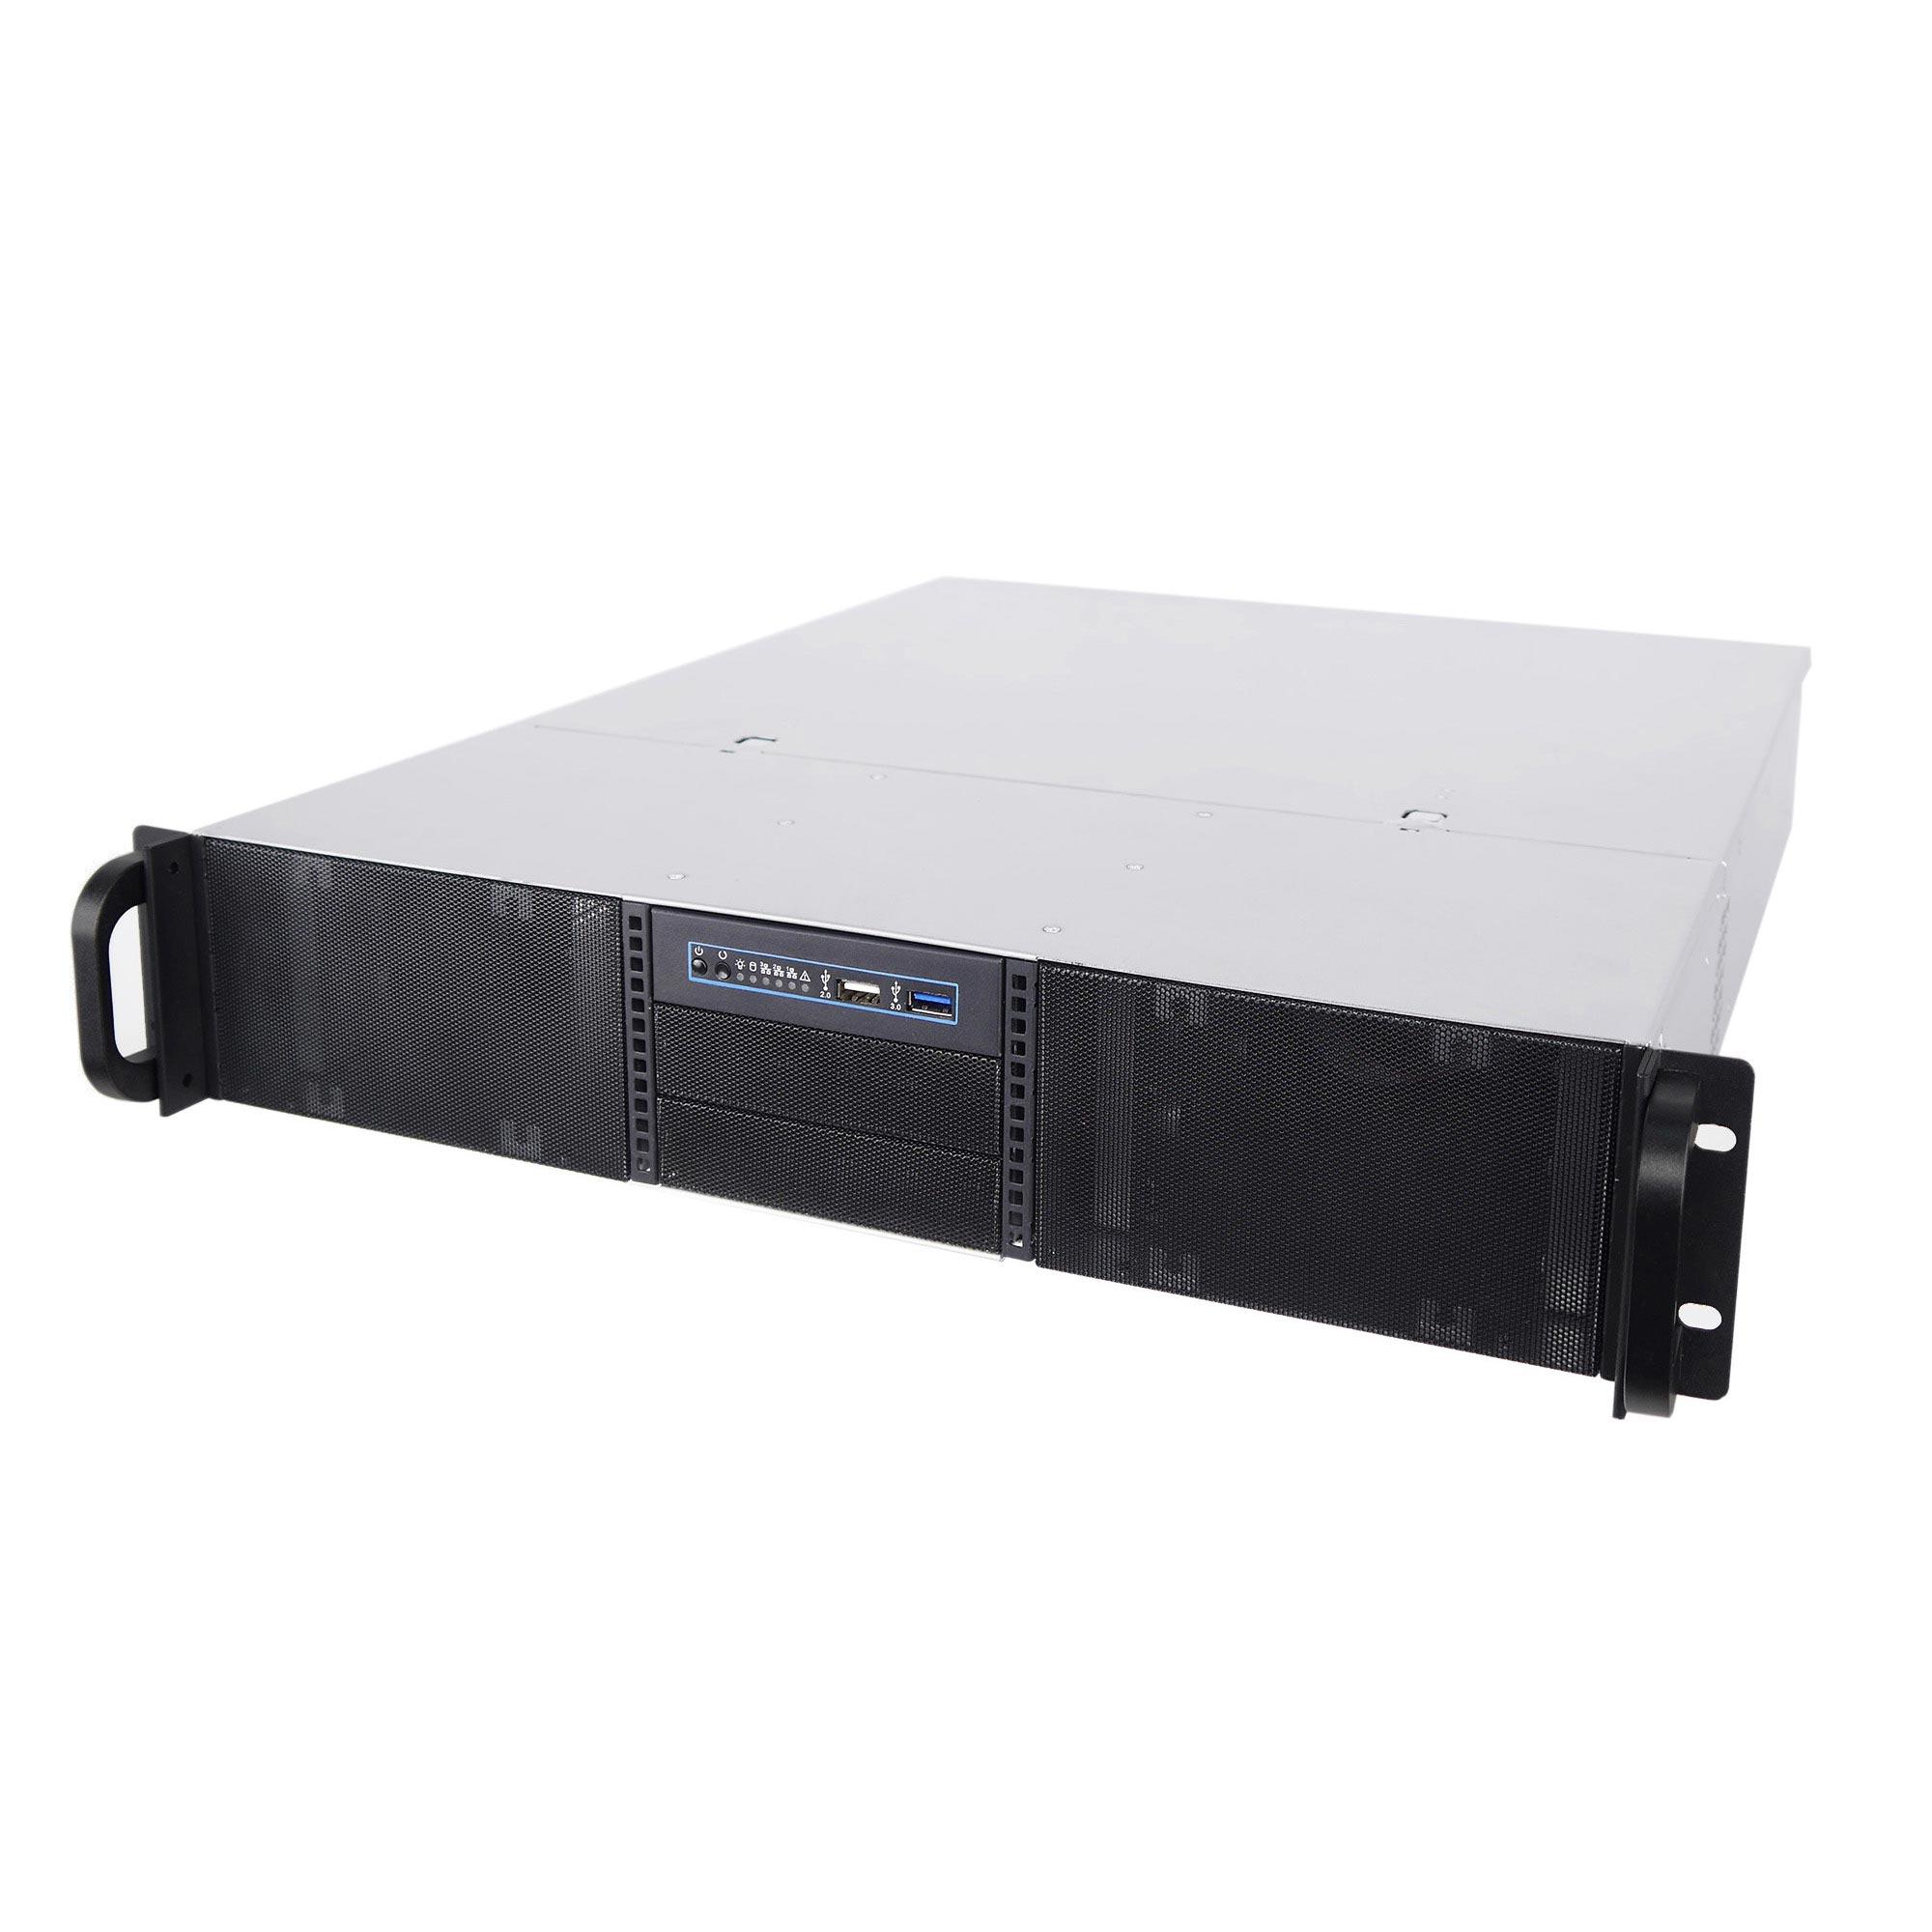 Серверный корпус 2U NR-N2542 850Вт (MicroATX, 4x5.25ext (6x3.5int), 2x3.5int, 550mm),чёрный,NegoRack